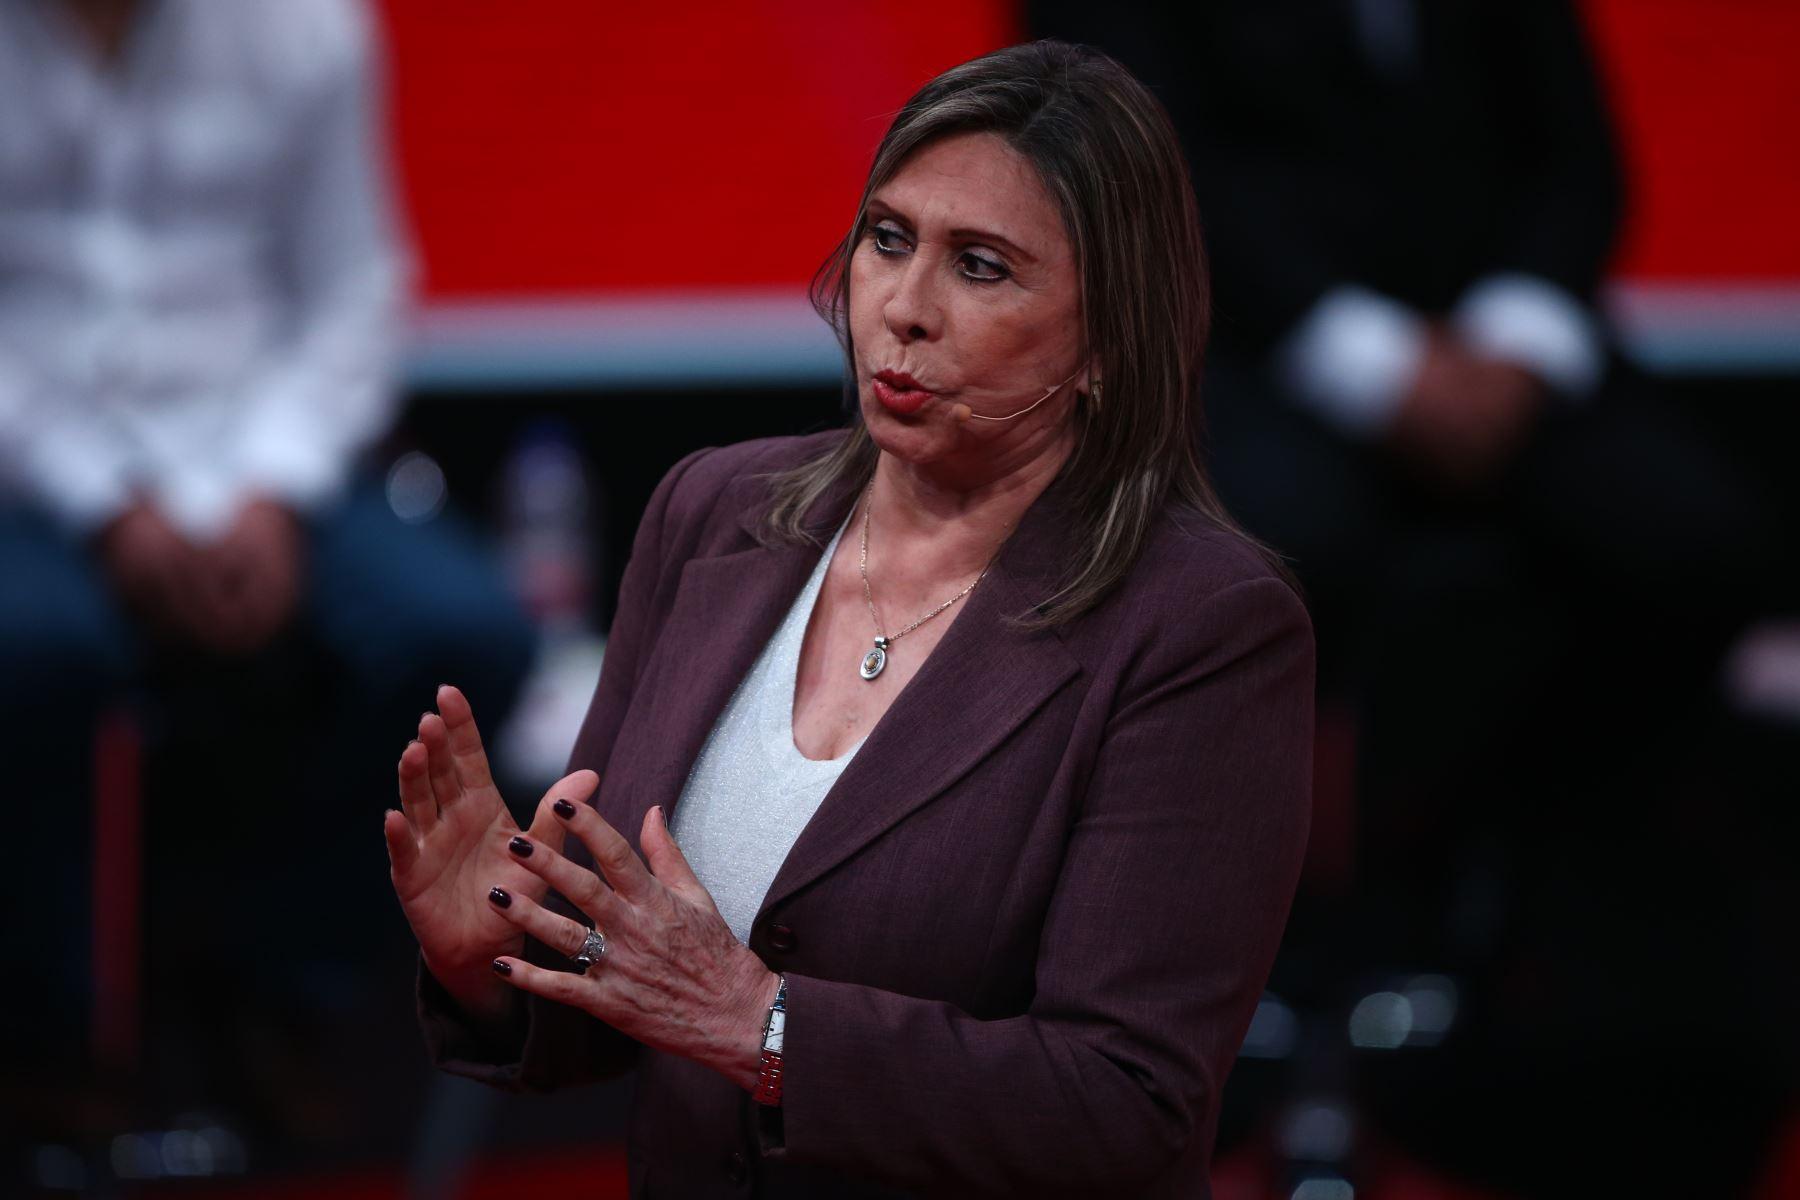 gobierno-de-transicion-es-de-todos-los-peruanos-no-del-partido-morado